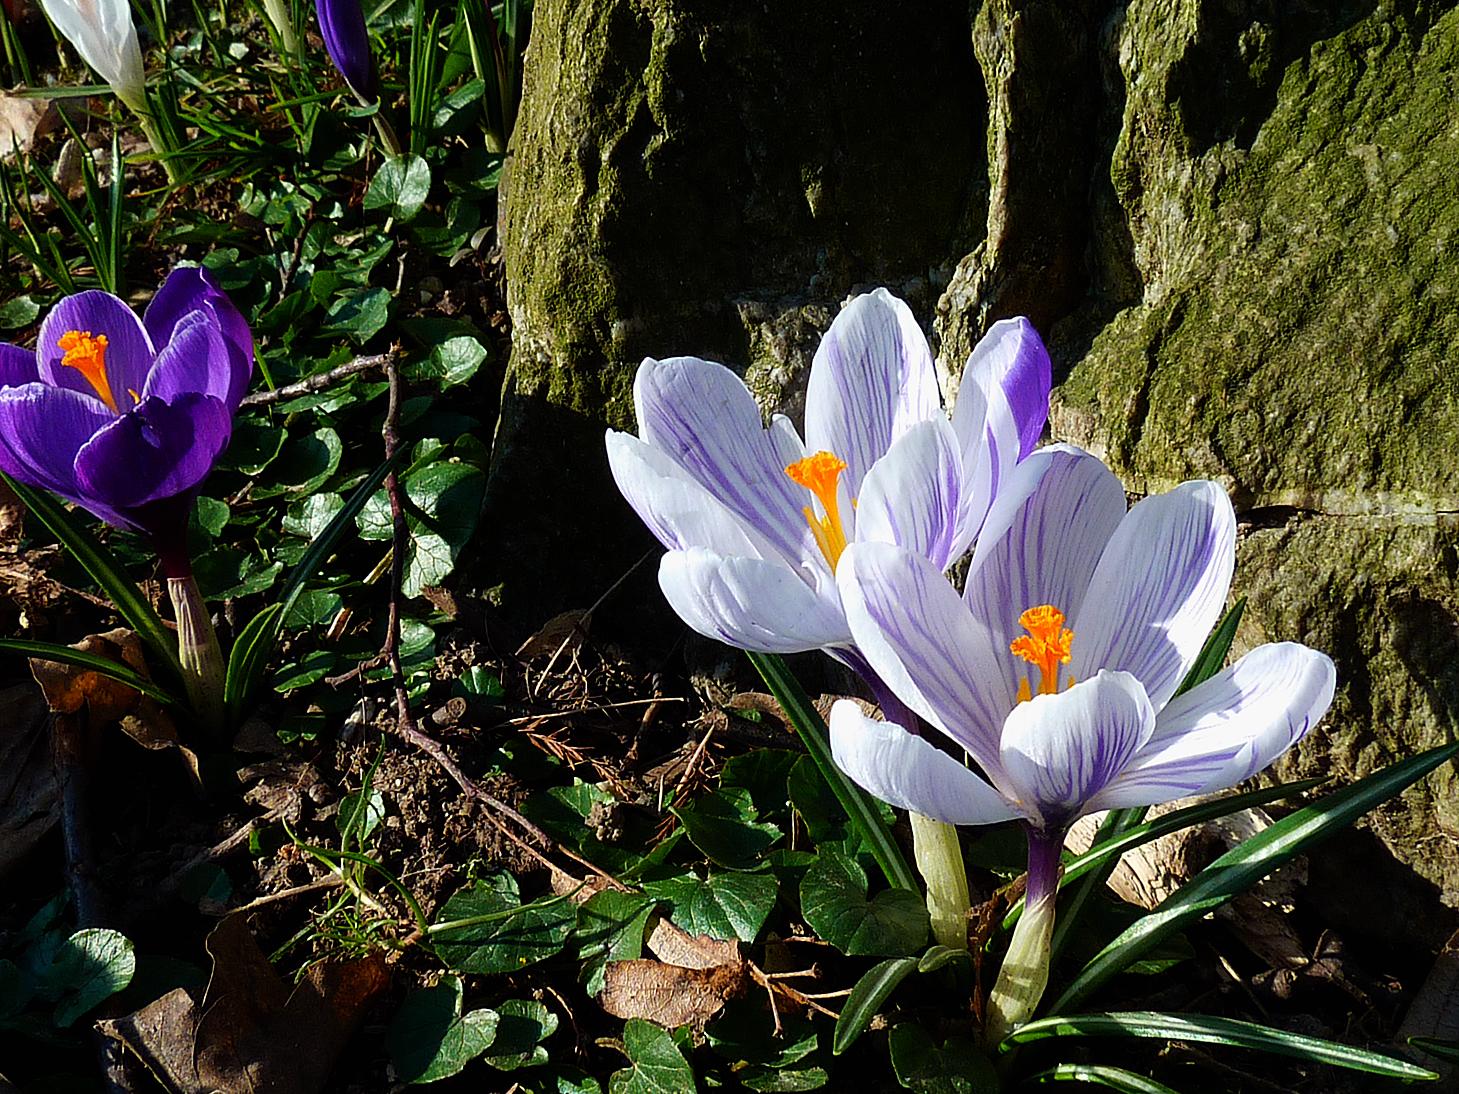 blühende weiße und violette Krokusse an einem Baumstamm